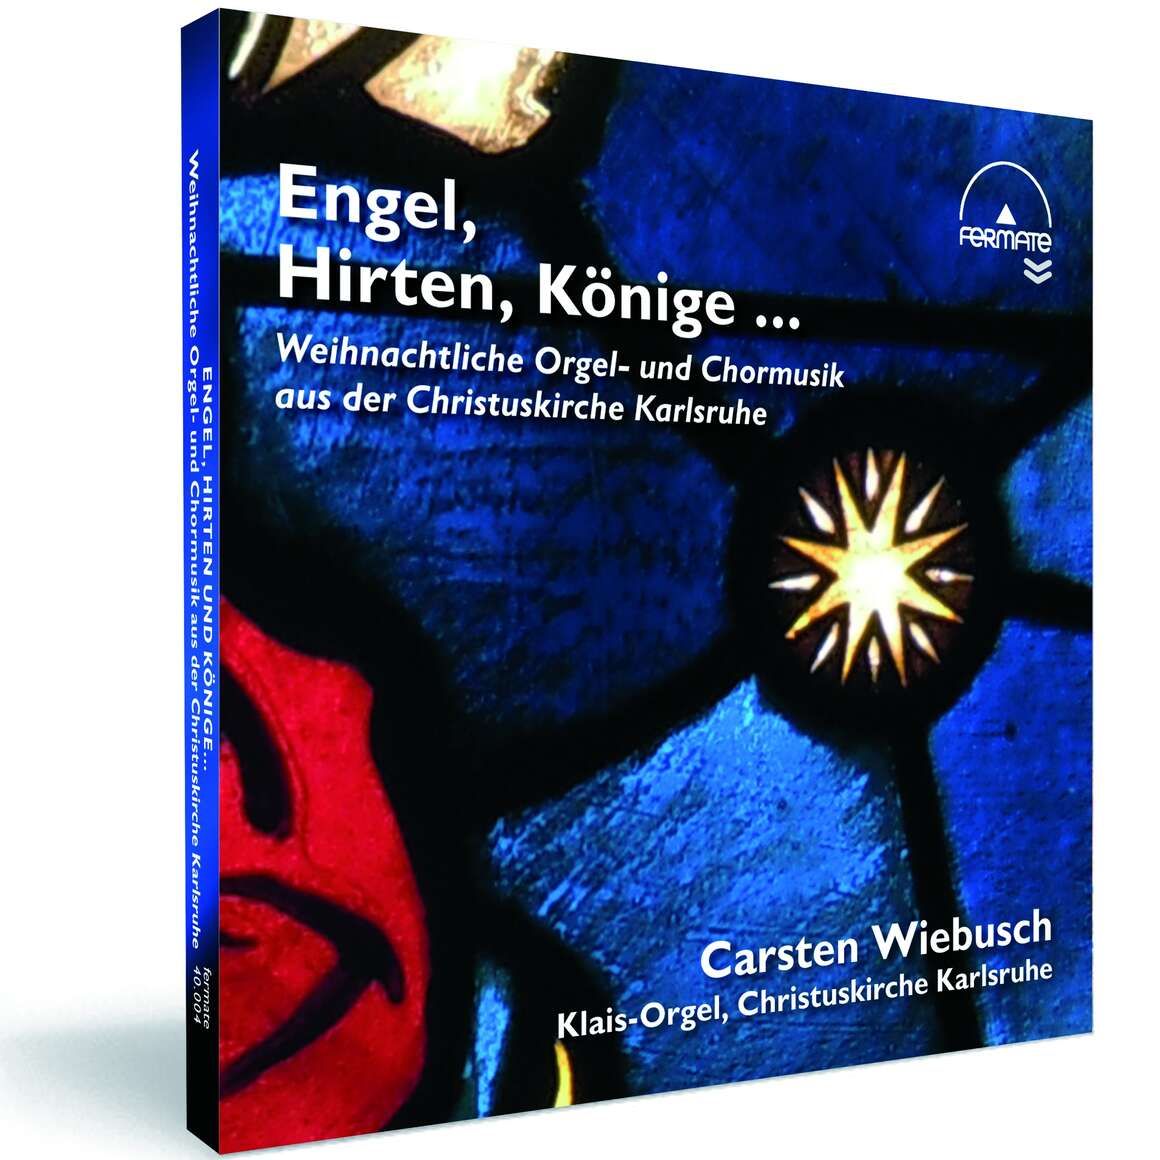 Engel, Hirten, Könige ... Weihnachtliche Orgel- und Chormusik aus der Christuskirche Karlsruhe